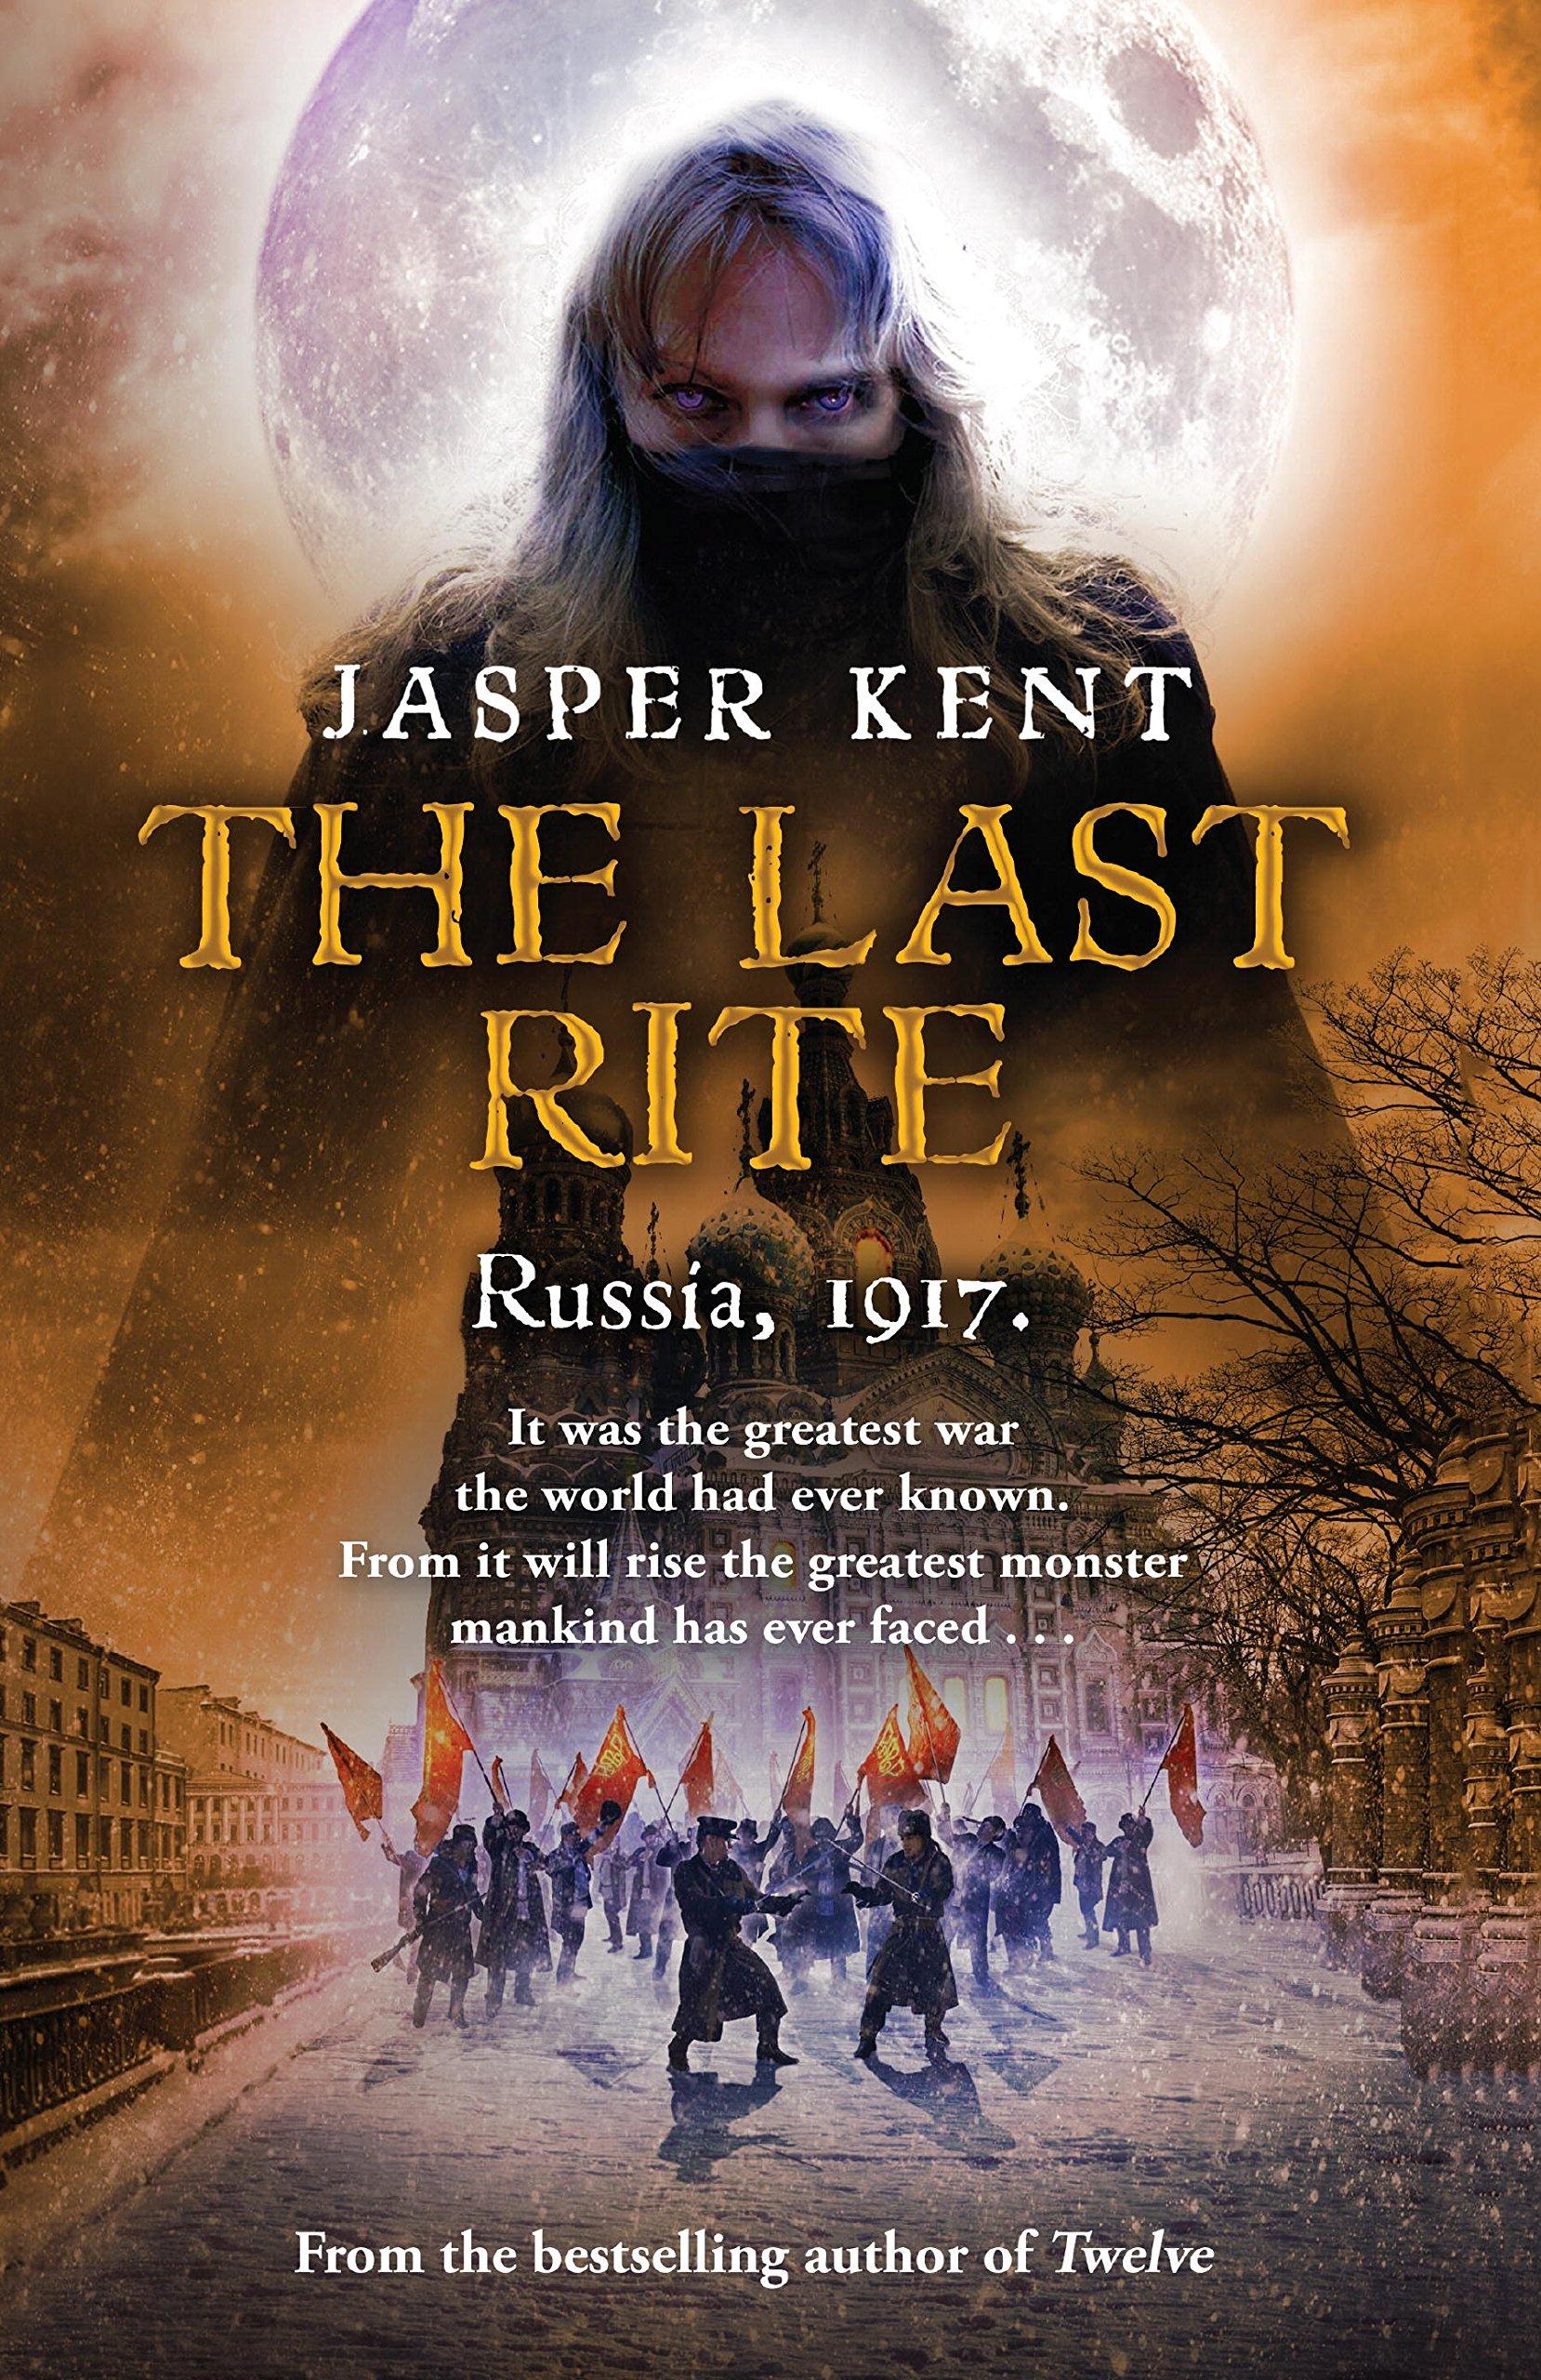 The Last Rite (The Danilov Quintet)